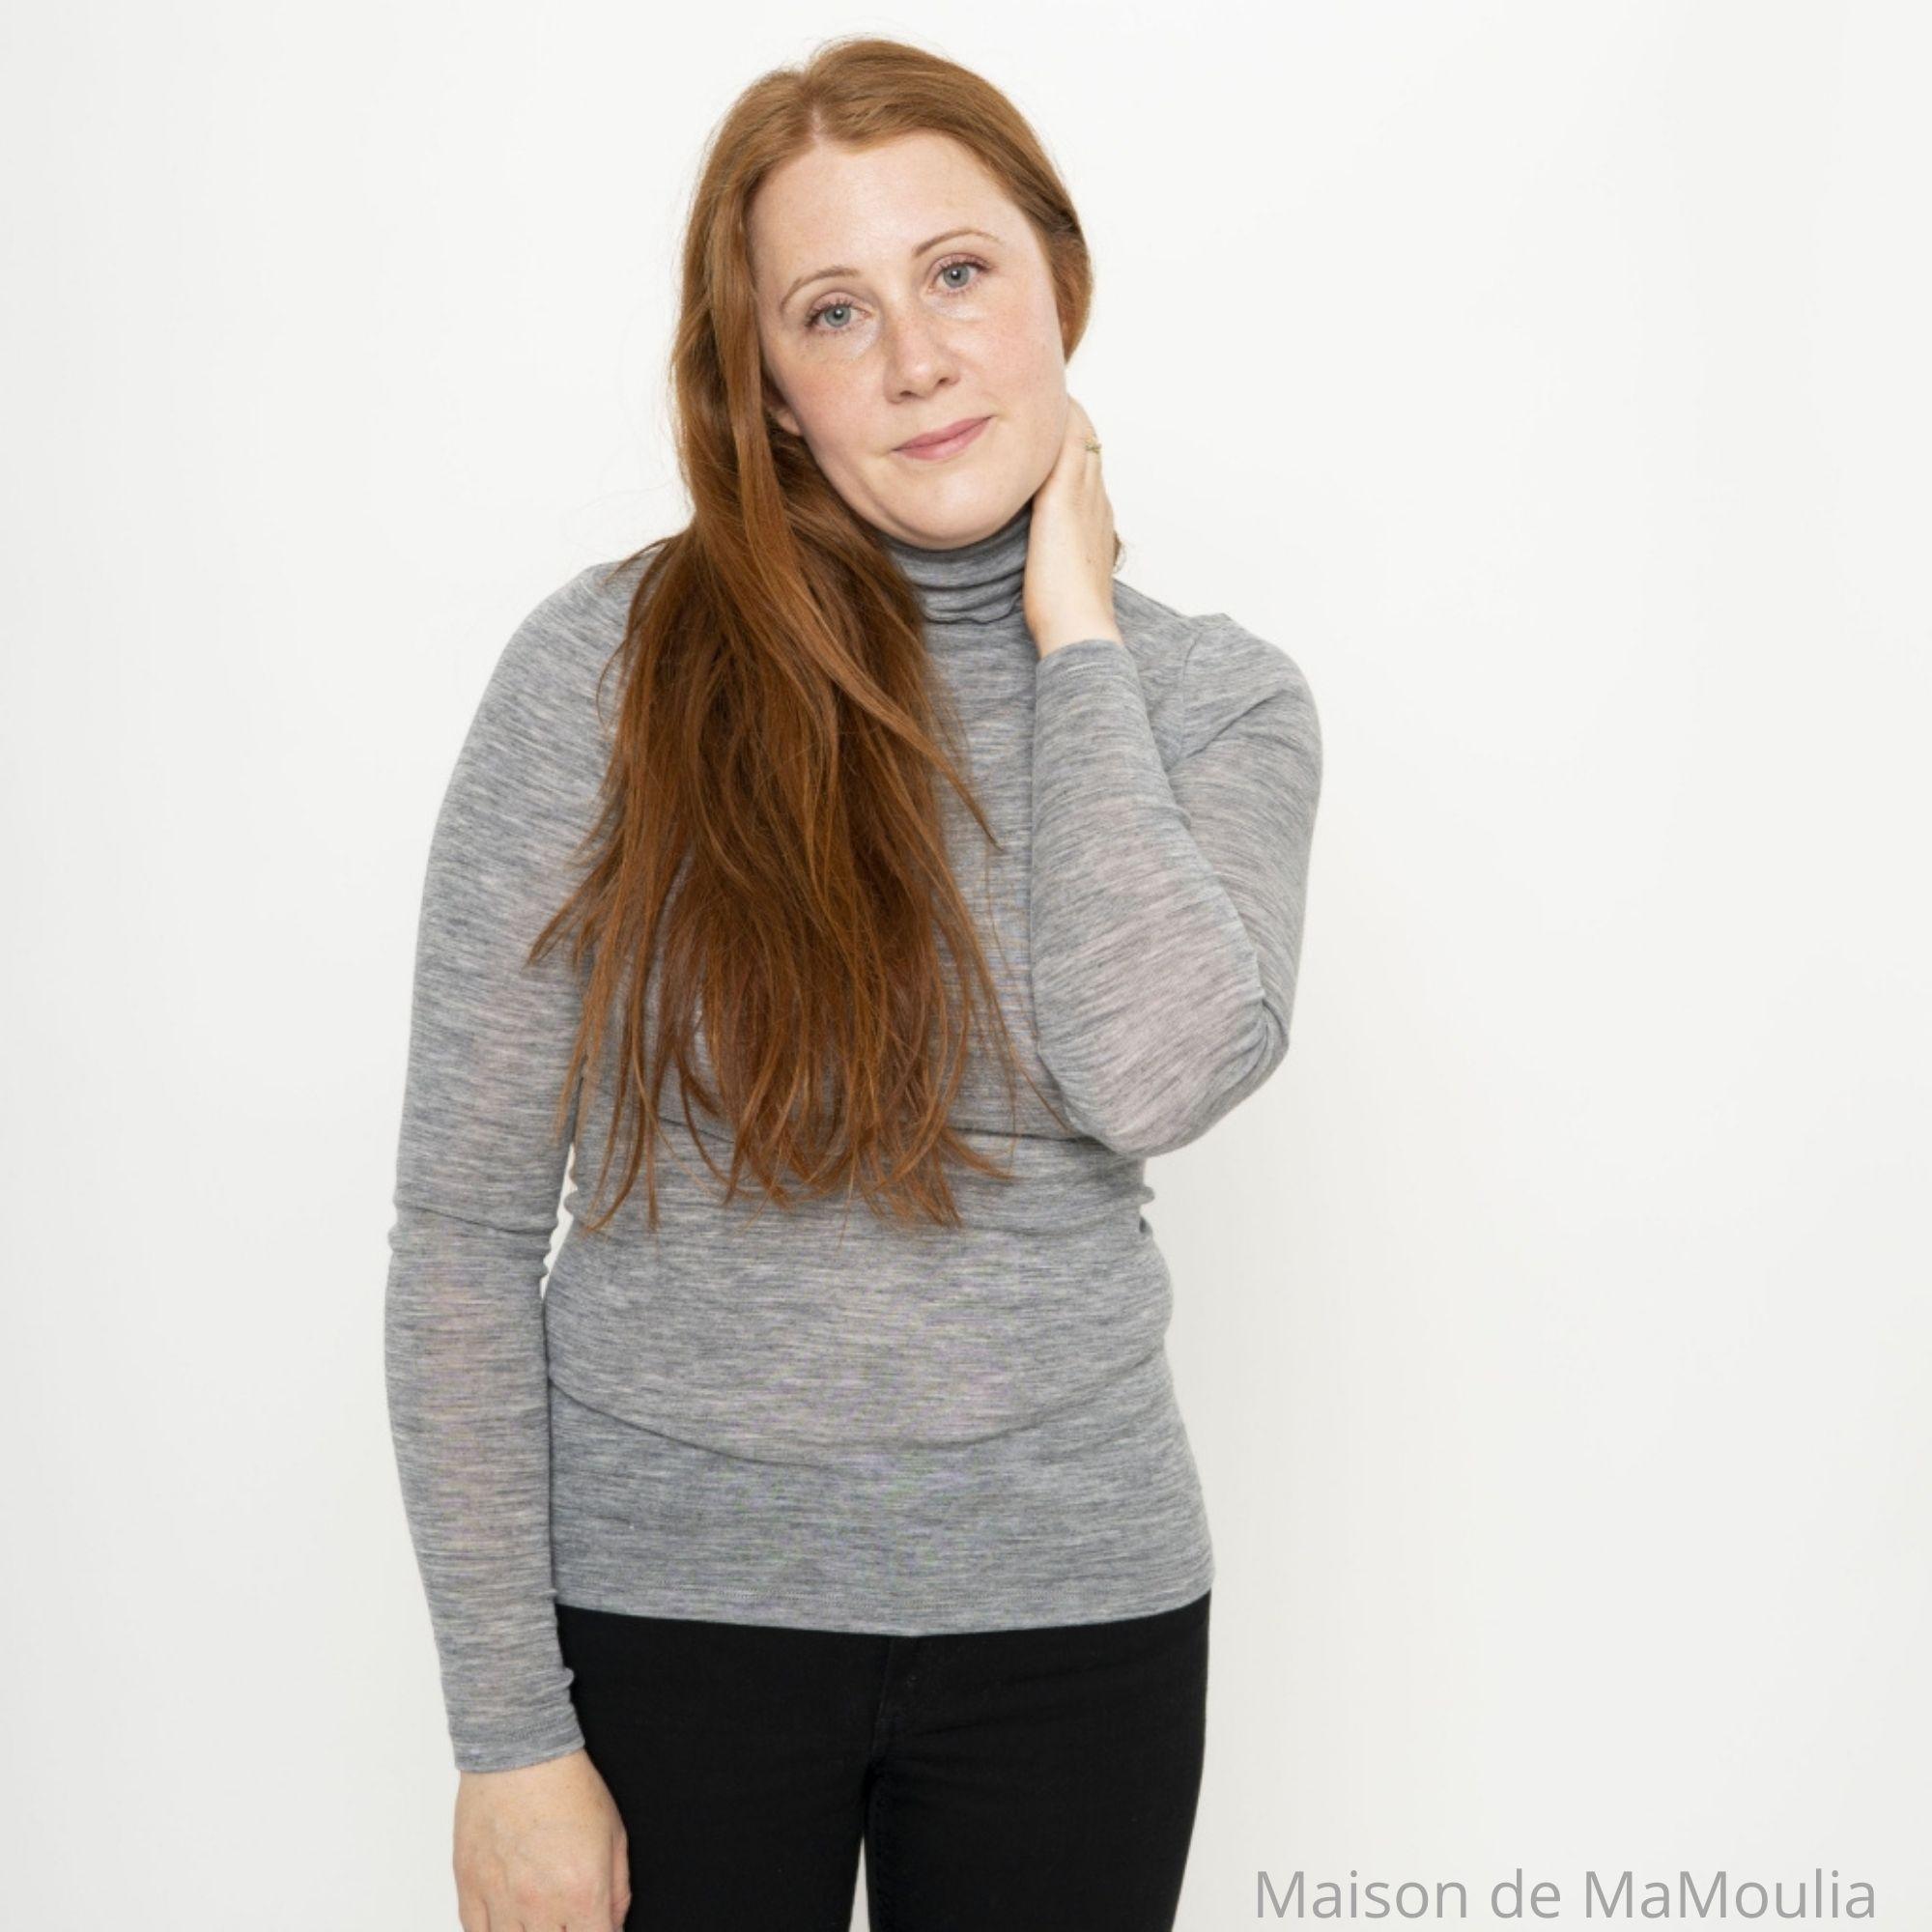 tshirt-haut-col-roule-femme-pure-laine-merinos-minimalisma-maison-de-mamoulia-gris-melange